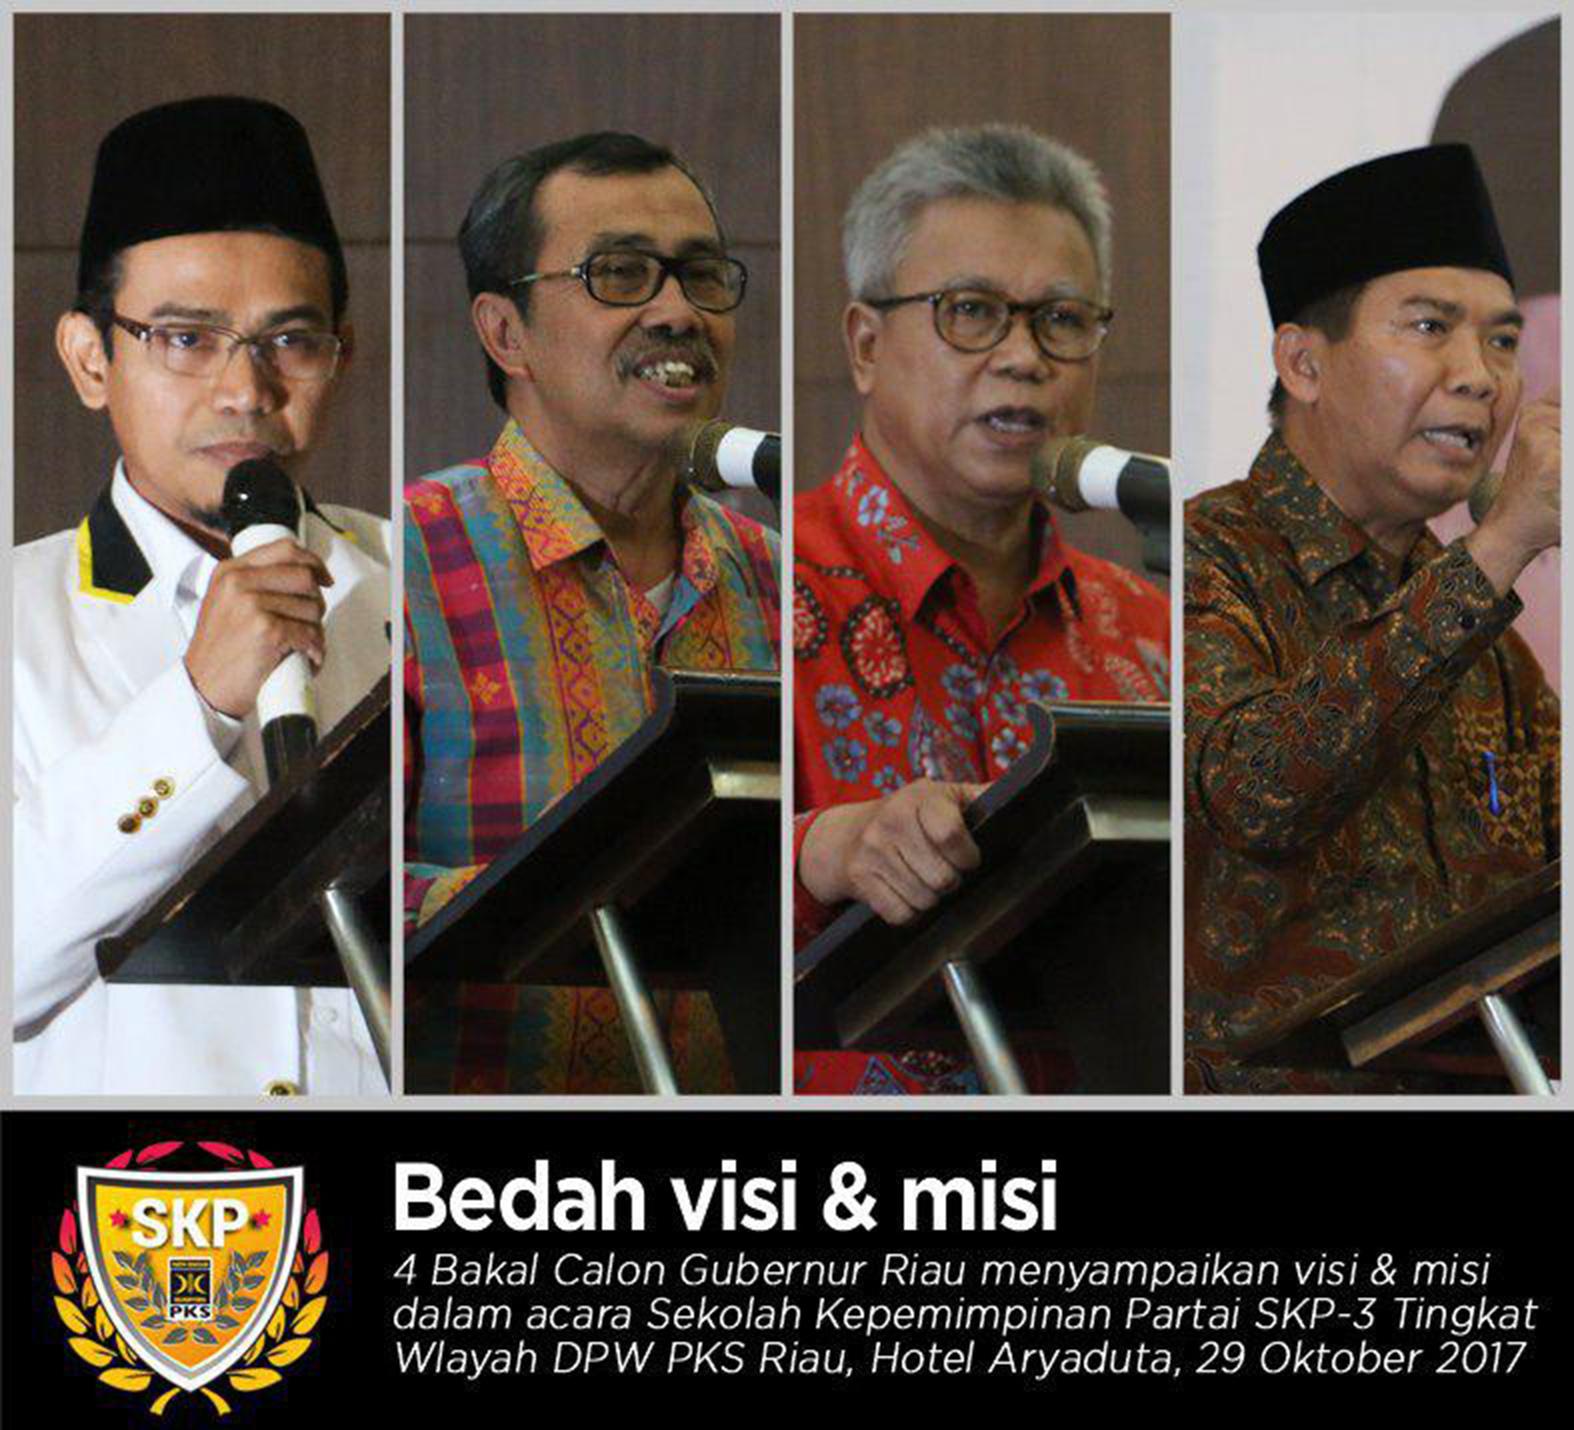 DPW PKS RIAU BEDAH VISI MISI BALON GUBERNUR RIAU 2018